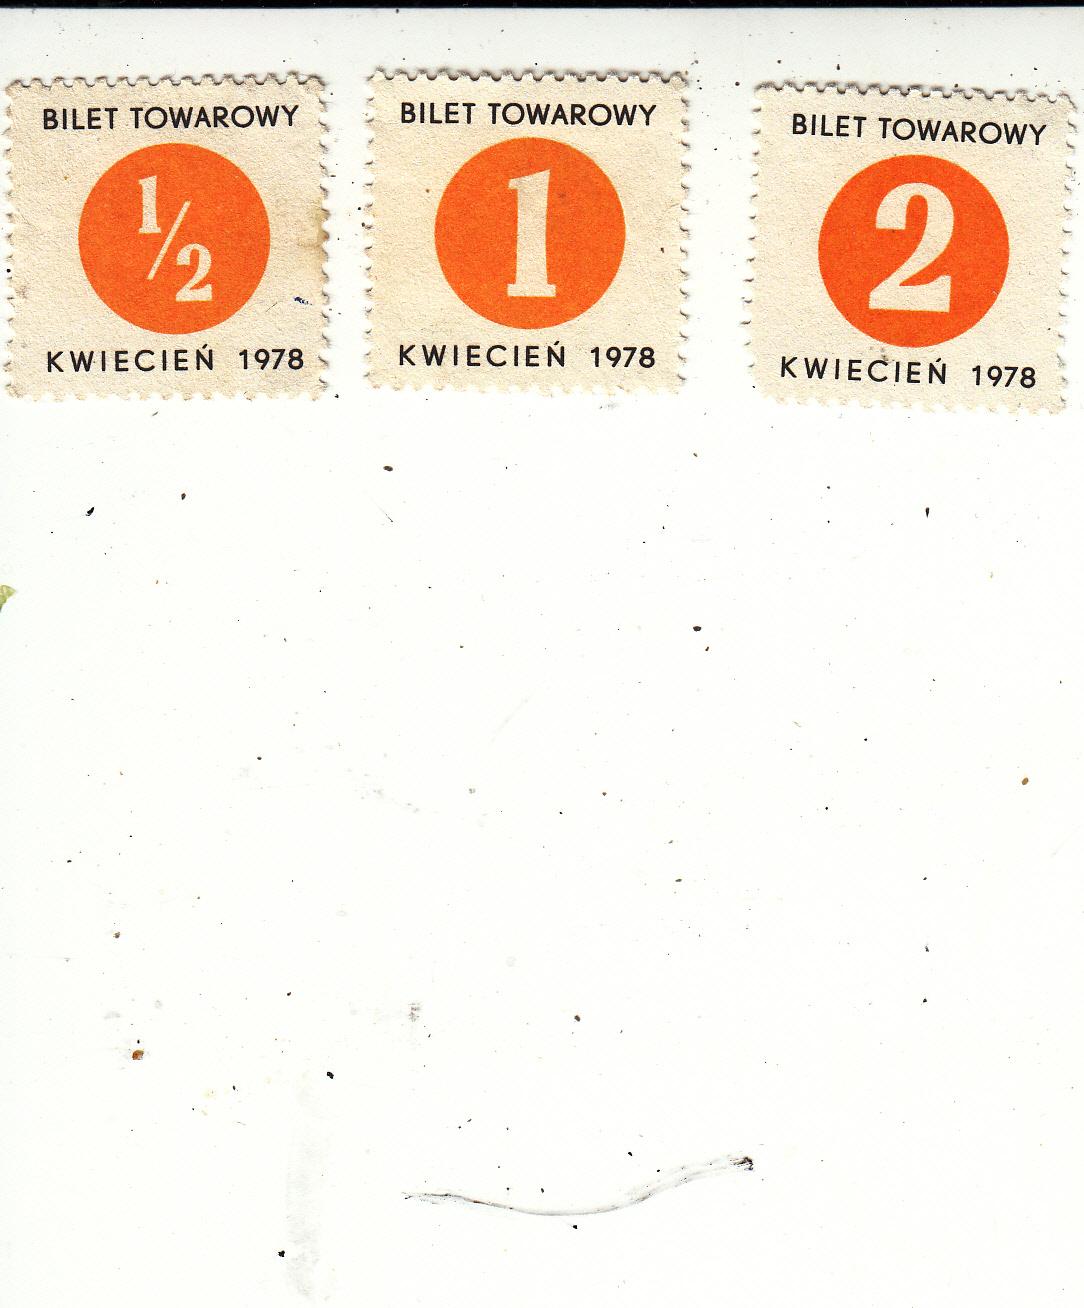 Bilet towarowy - kwiecień 1978